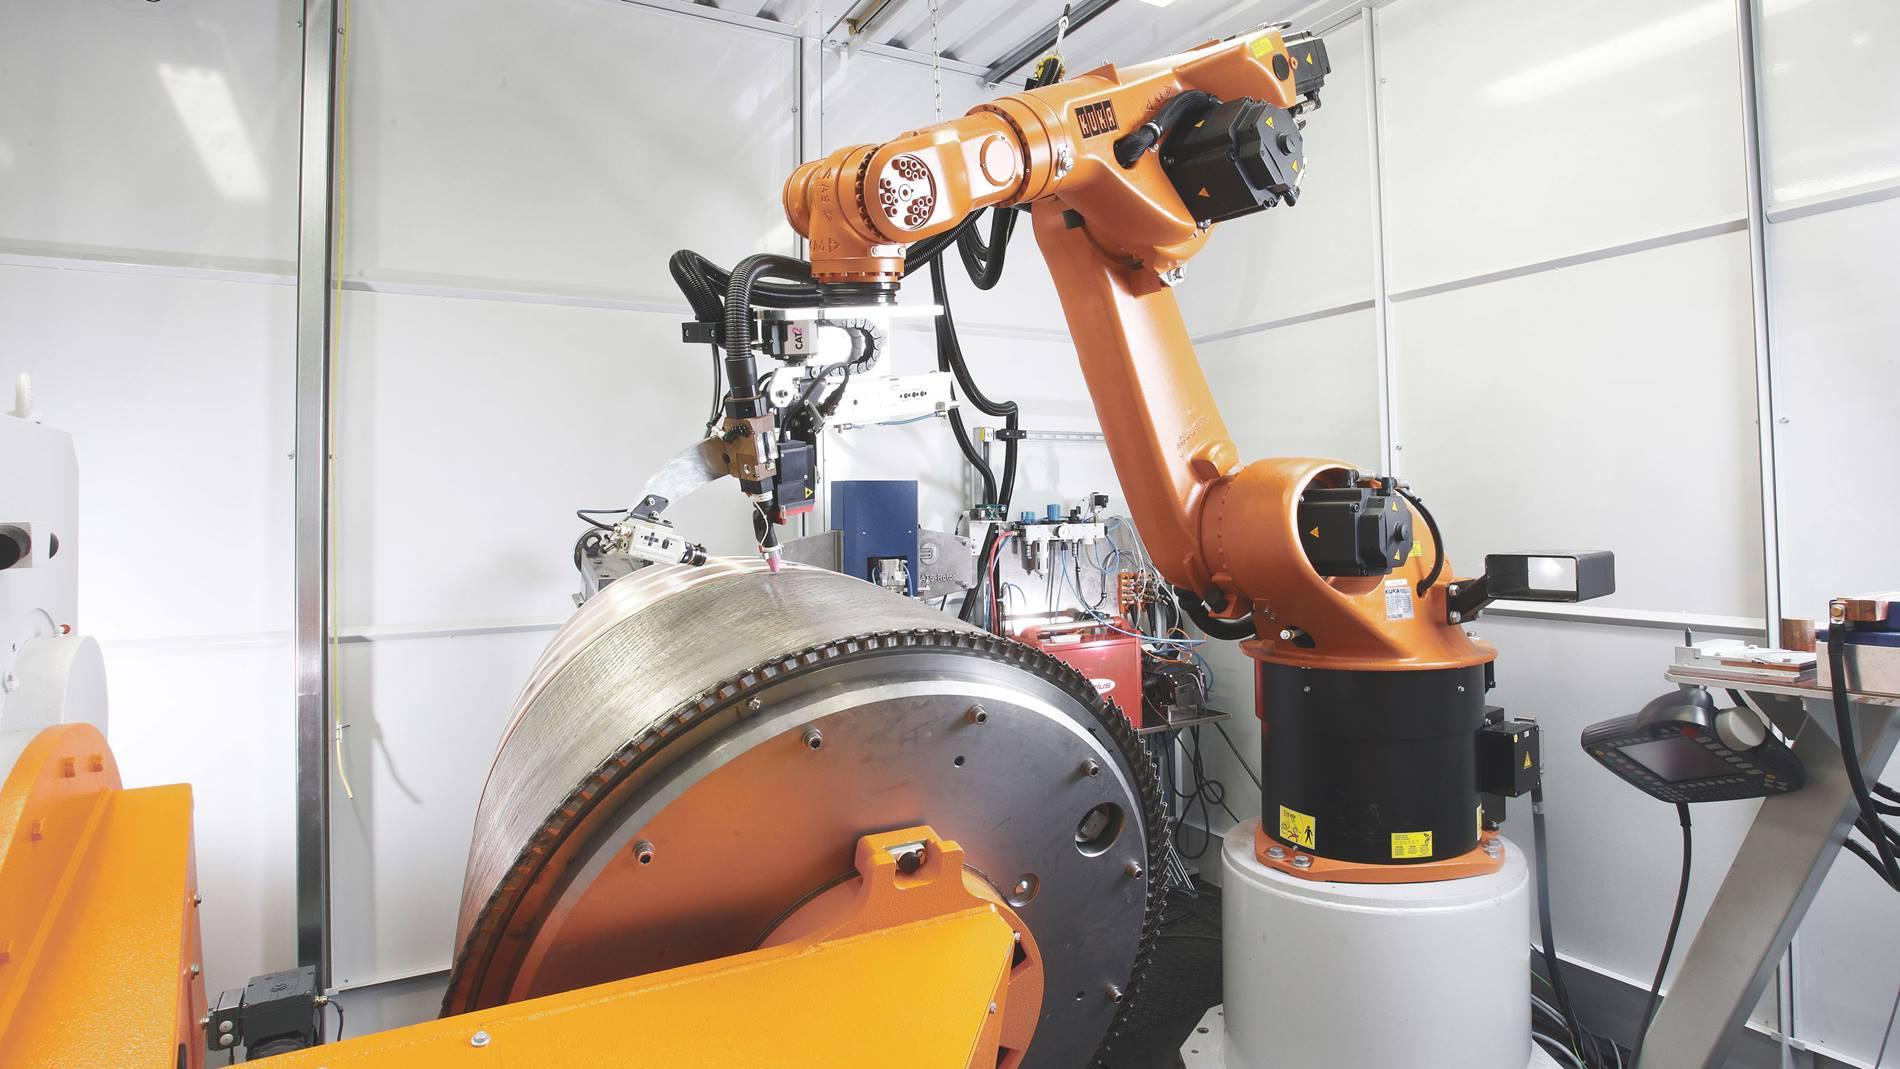 Robot KUKA z KUKA.SeamTech Tracking podczas dokładnego spawania punktowego w firmie EADS.